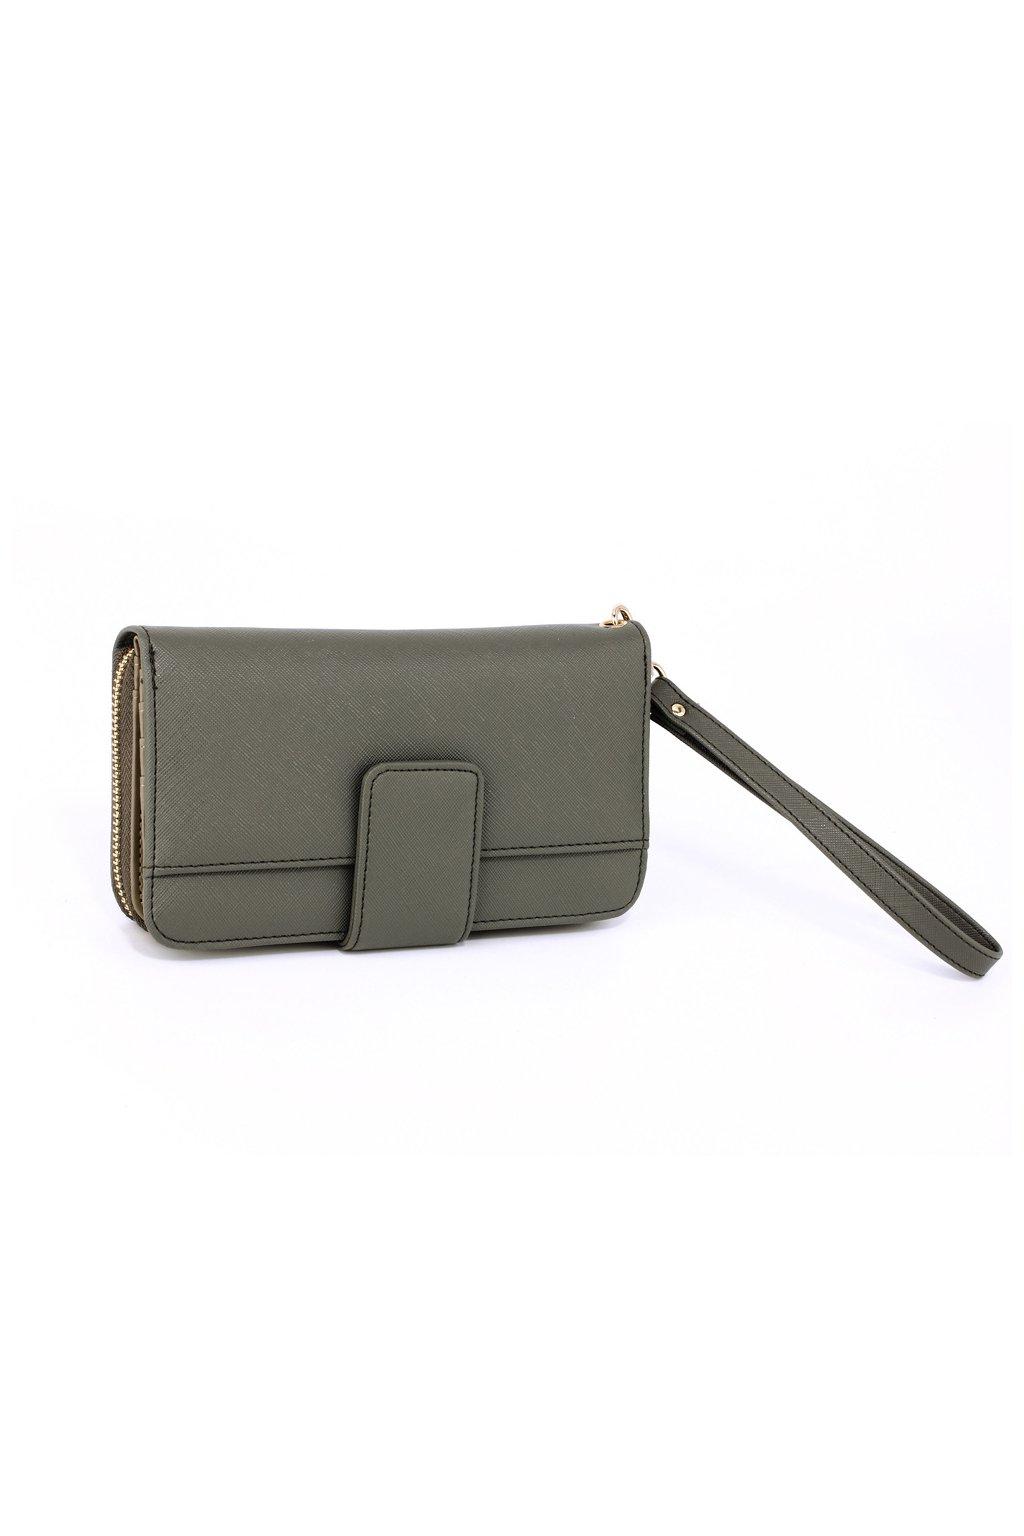 Sivá peňaženka pre ženy Genesis AGP1094